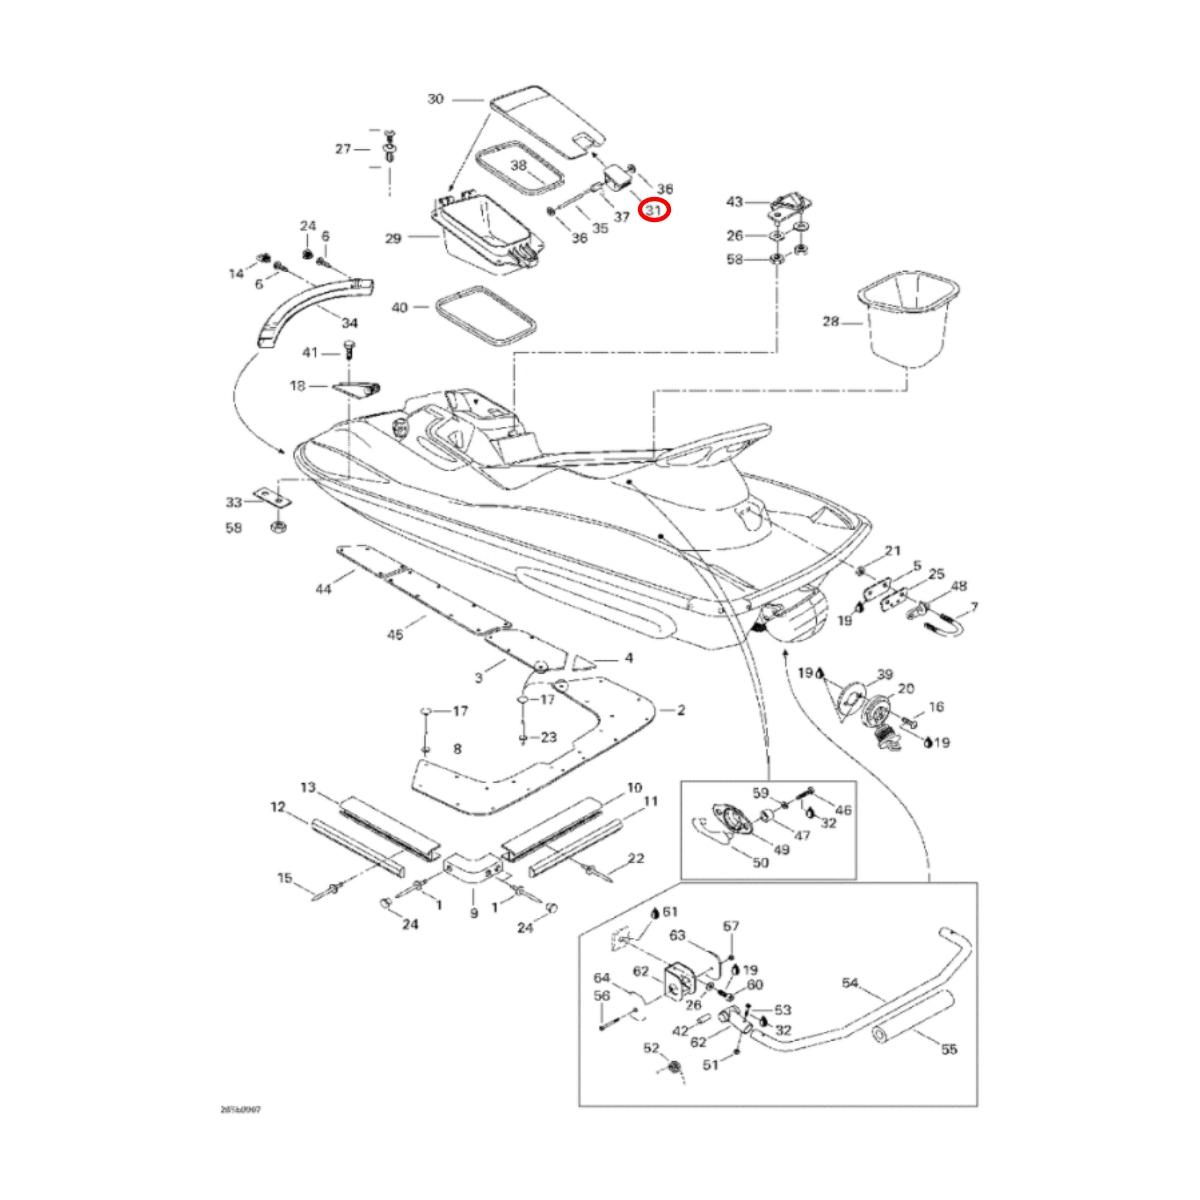 Trava da Tampa do Porta Documentos para Jet Ski Sea Doo 4 TEC  - Radical Peças - Peças para Jet Ski